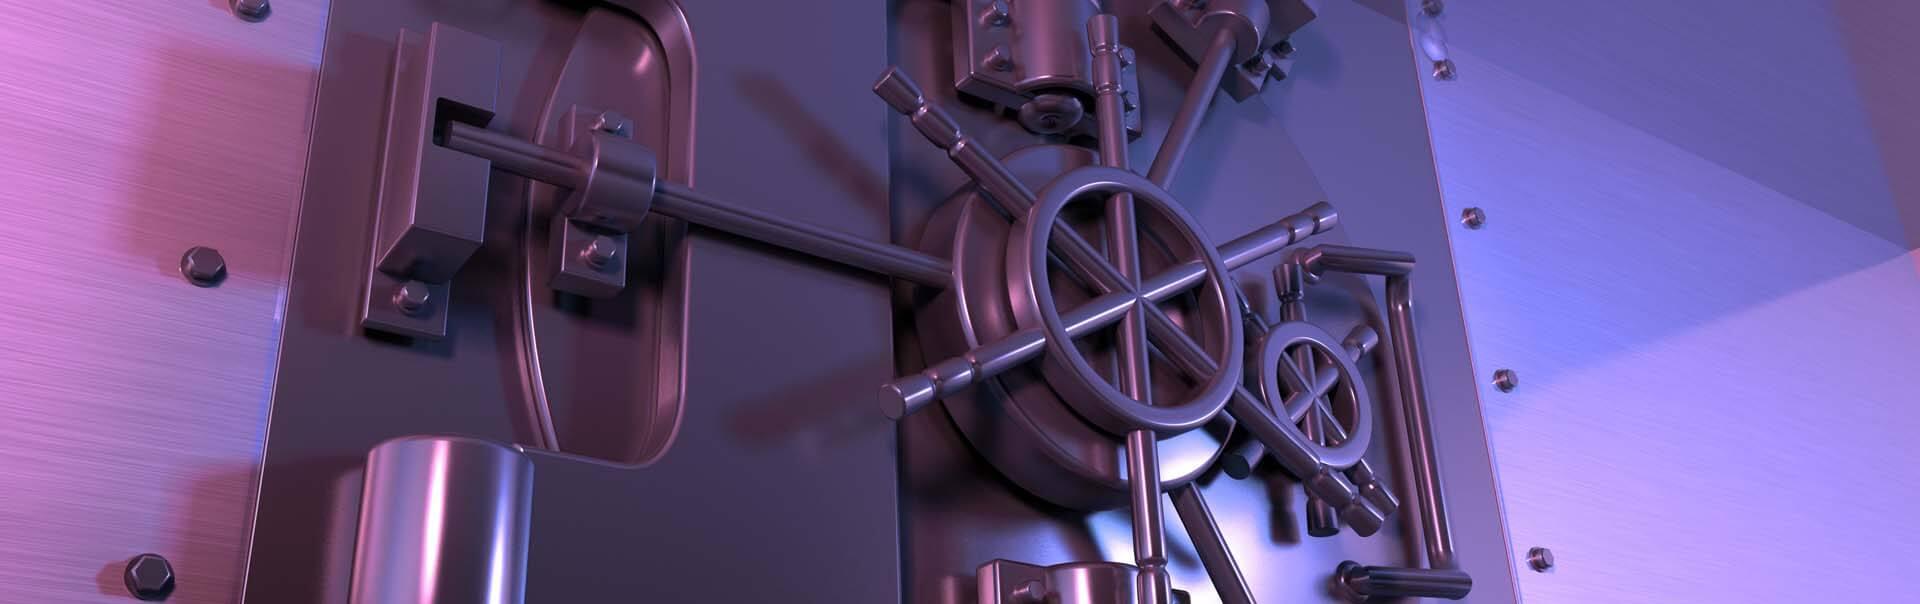 Locked vault